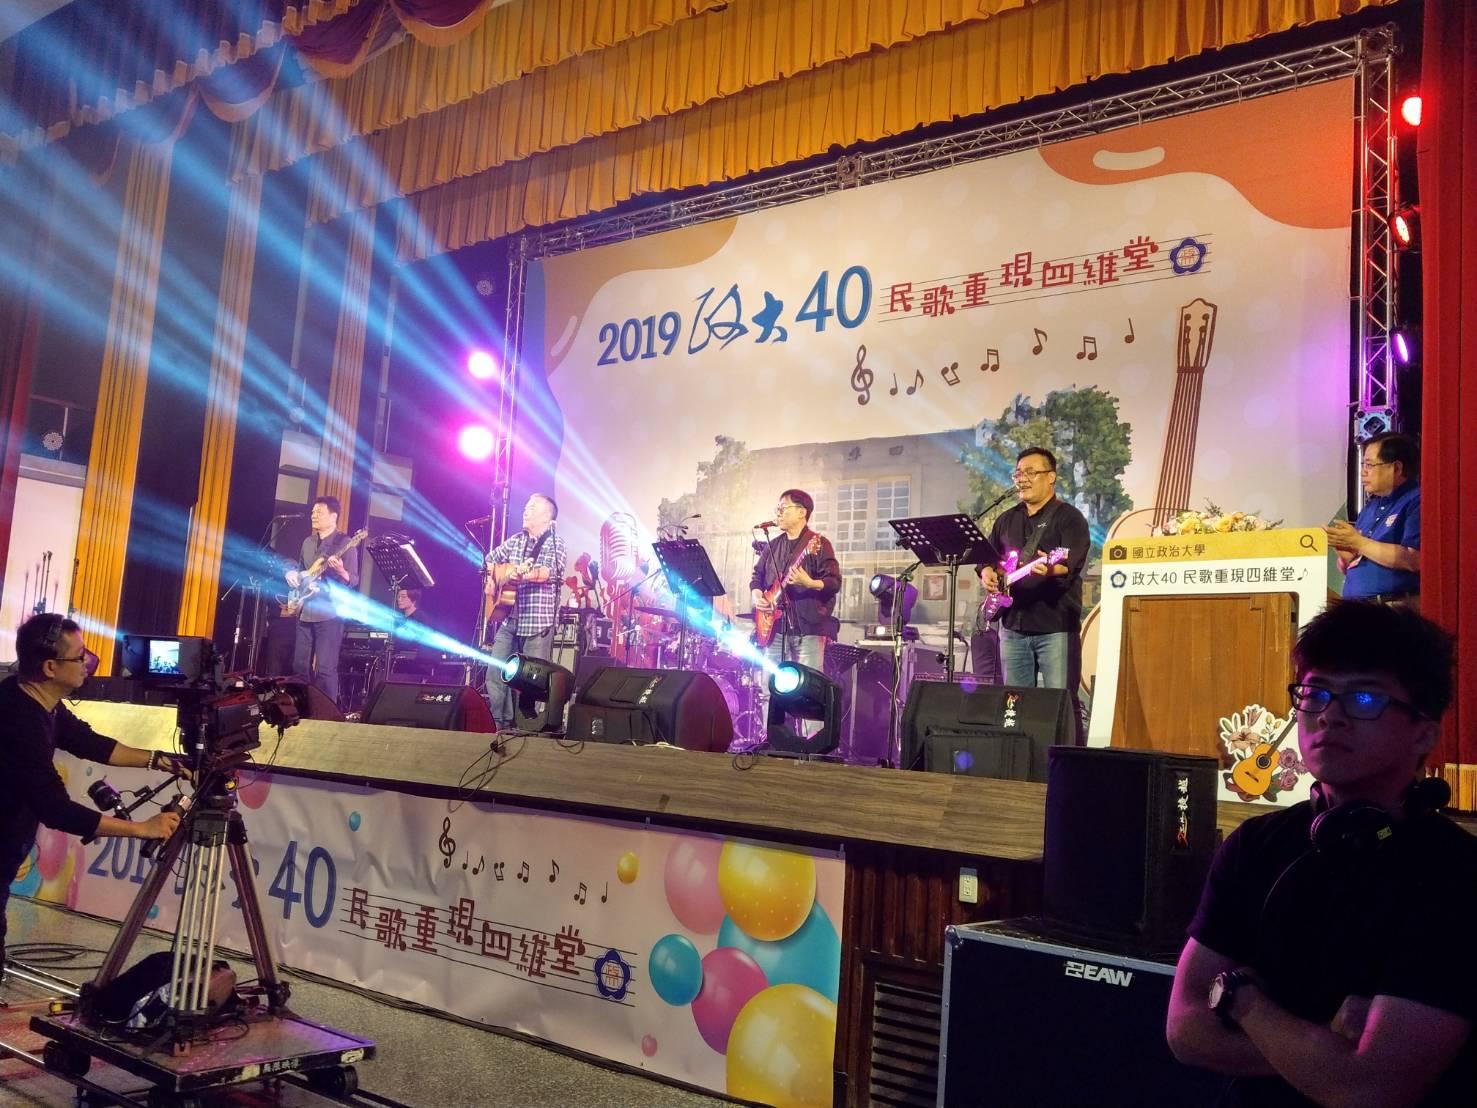 【畢業40】政大40民歌滿溢懷舊 校友悸動重溫校園時光